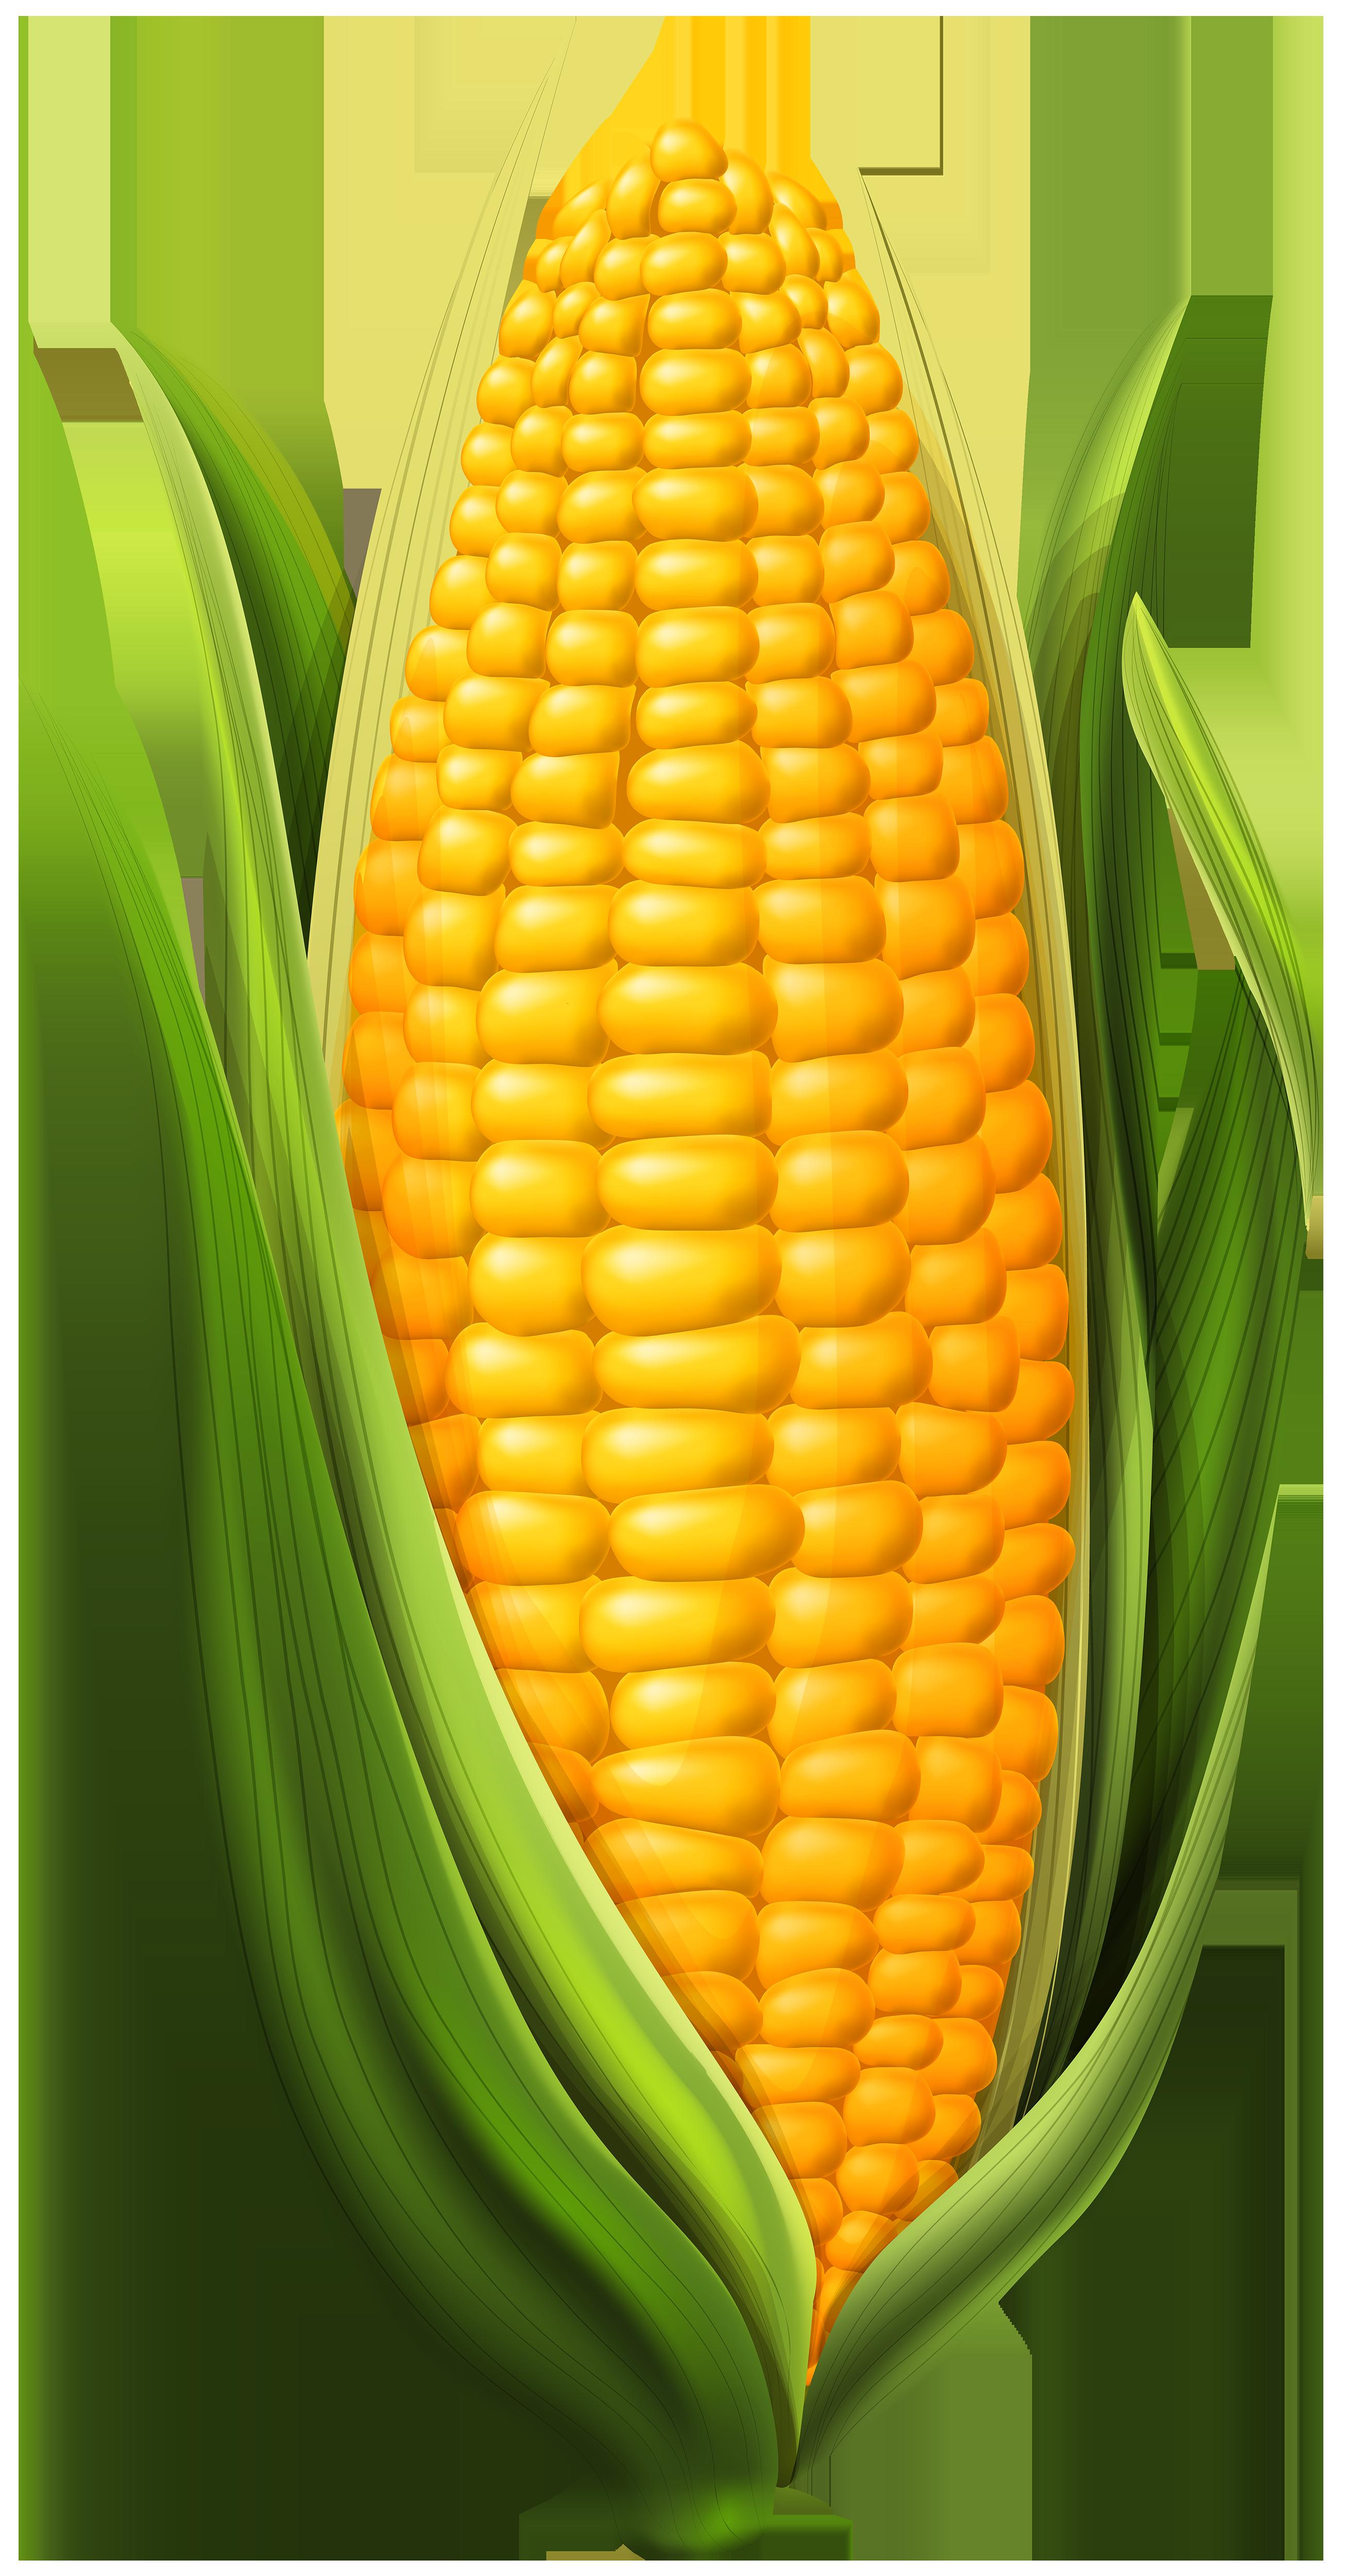 Corn PNG Clip Art Image.